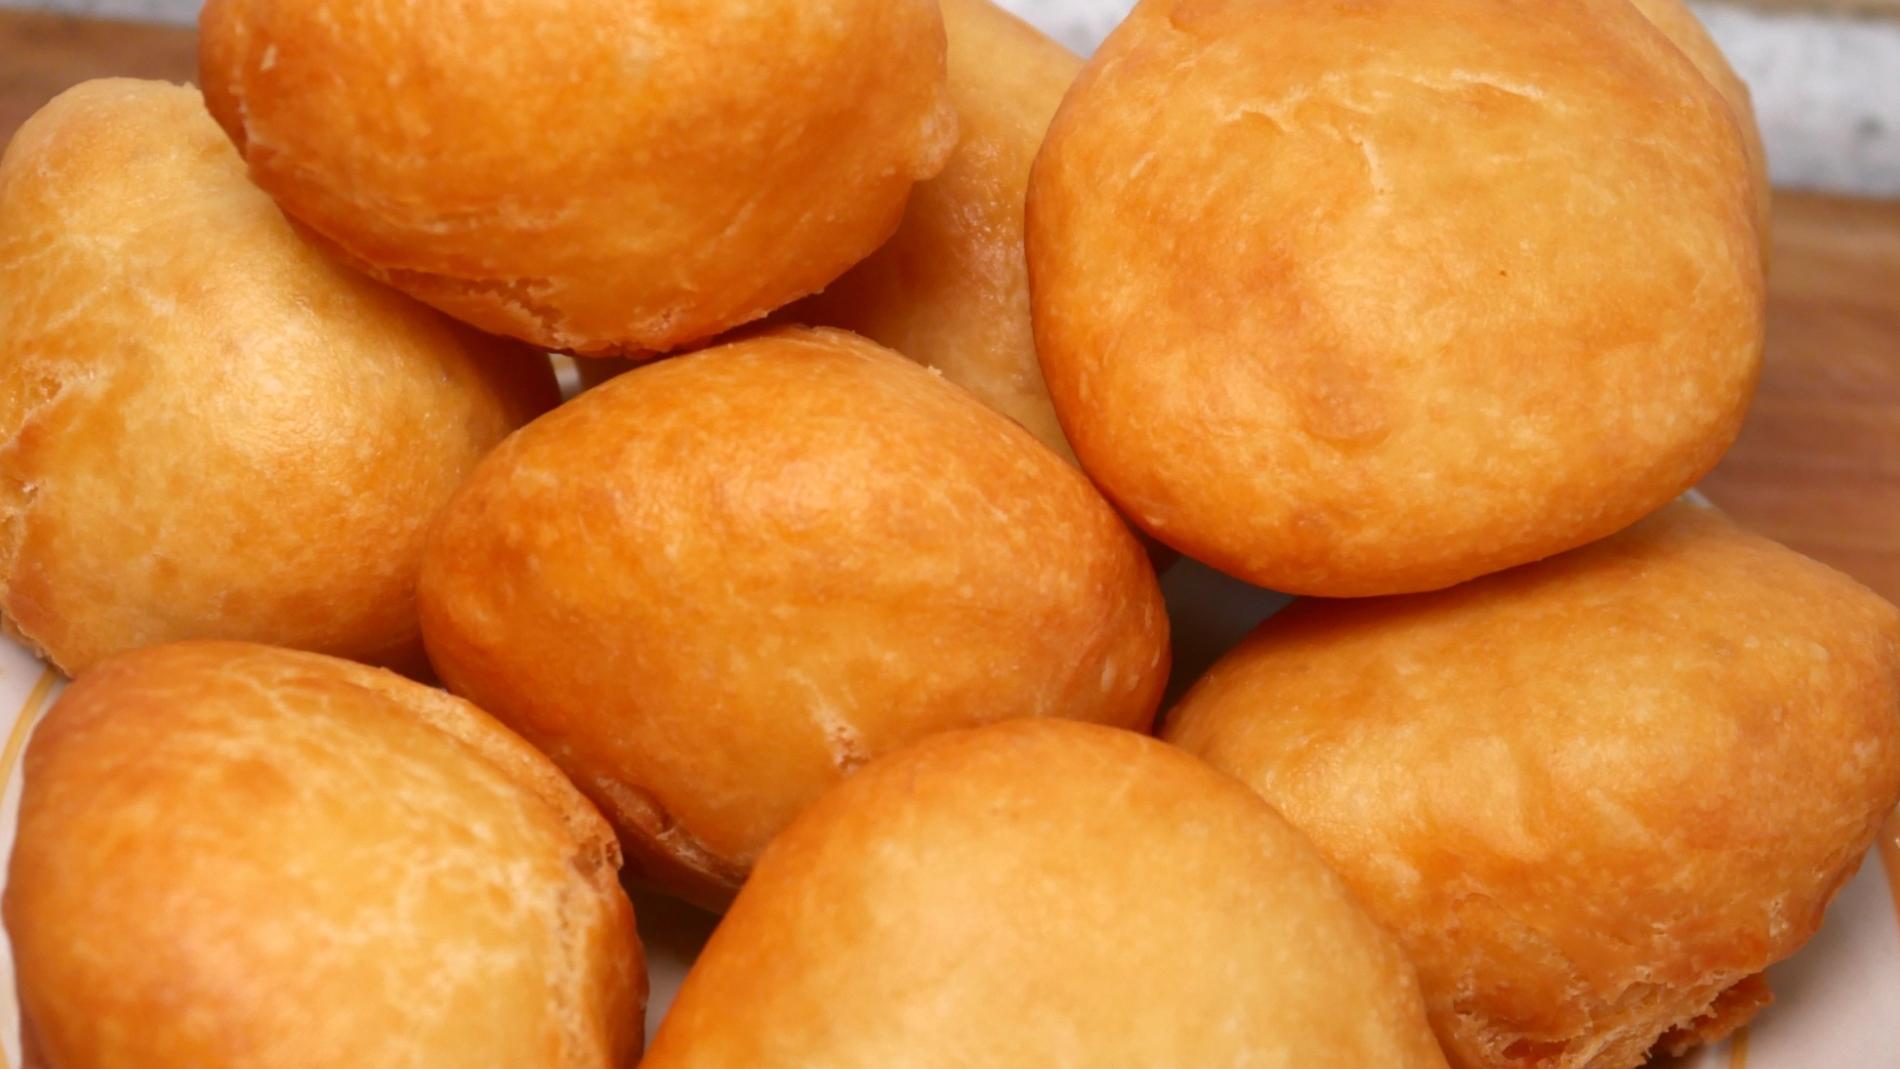 想吃面包不用烤箱烤,教你懒人做法,松软又拉丝,比买的都好吃